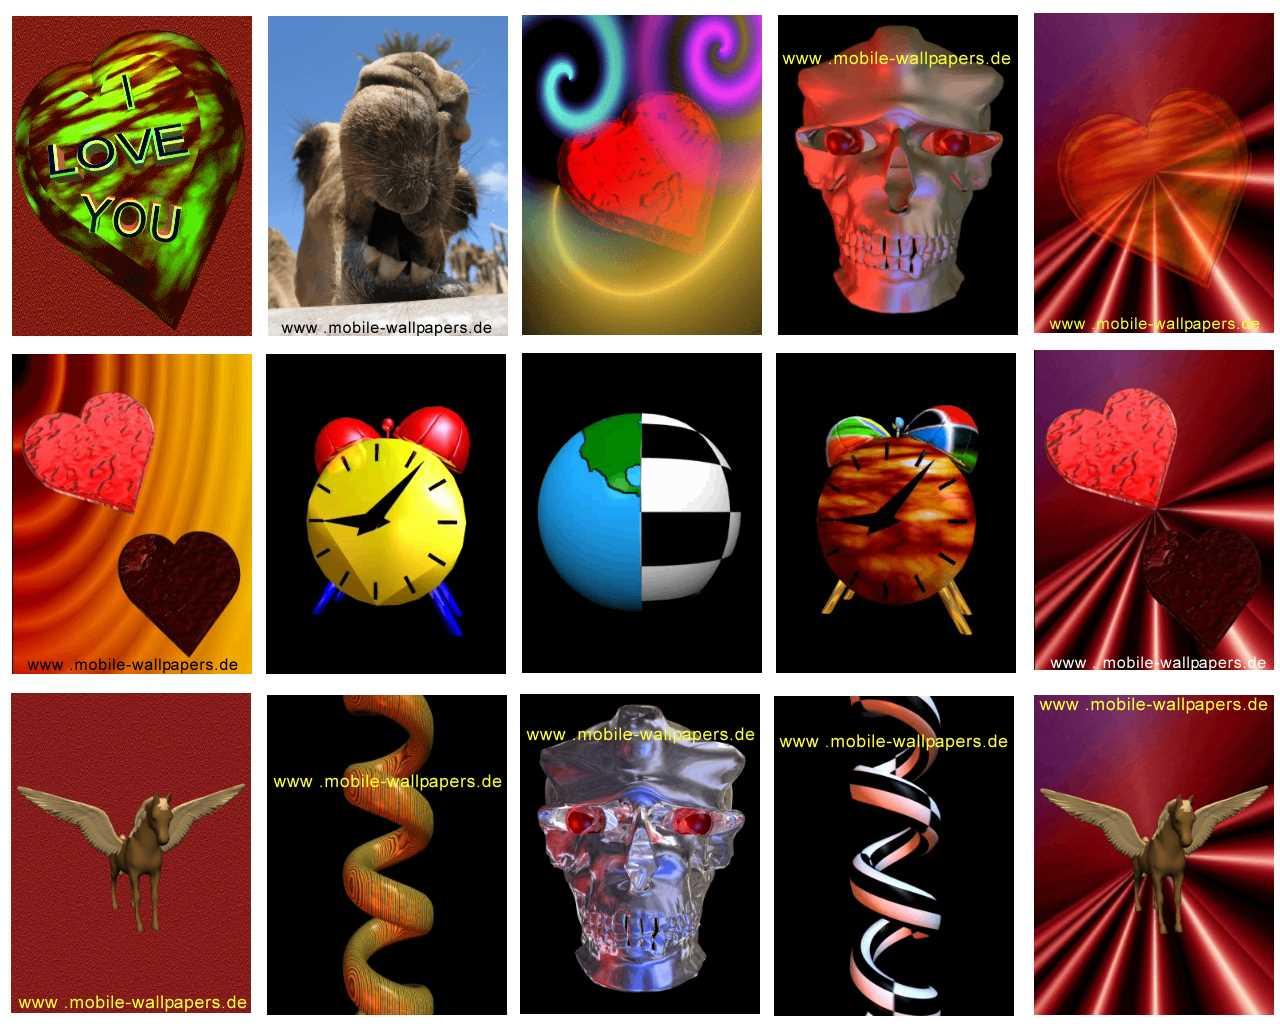 http://1.bp.blogspot.com/_CRsA2fUP4Ys/TF5Gd92JlLI/AAAAAAAAGoA/dWd6bNXBPvo/s1600/mobile+wallpaper+(260).jpg